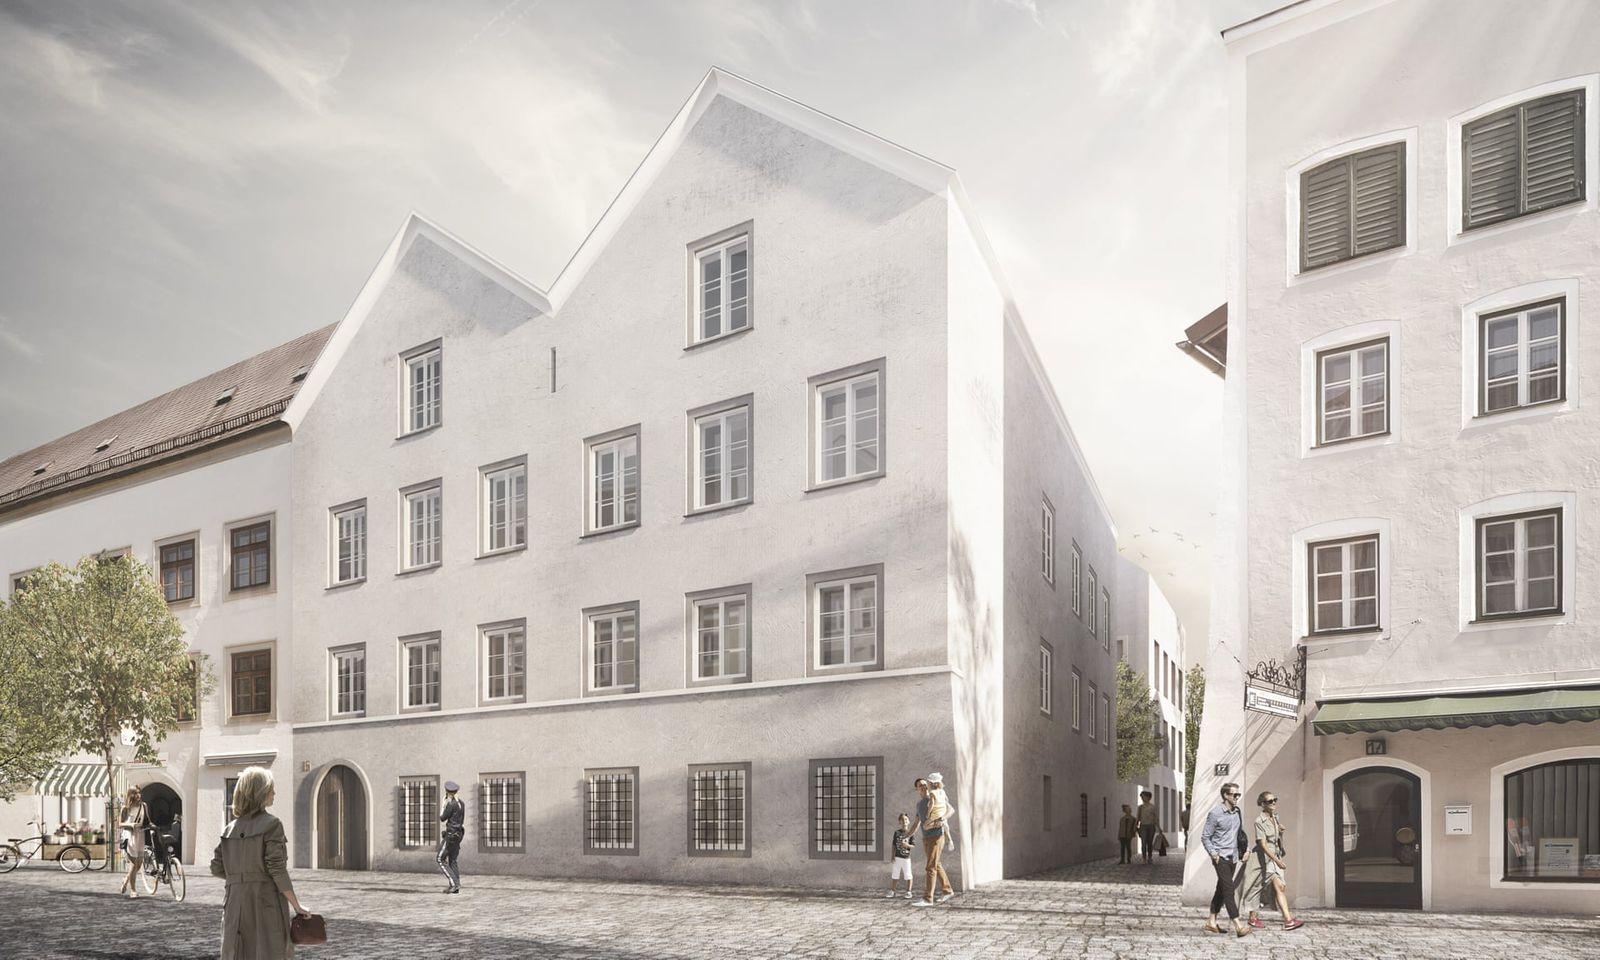 Австри улс Нацистуудын удирдагчийн төрсөн байшинг цагдаагийн байр болгох зураг төслөө танилцууллаа